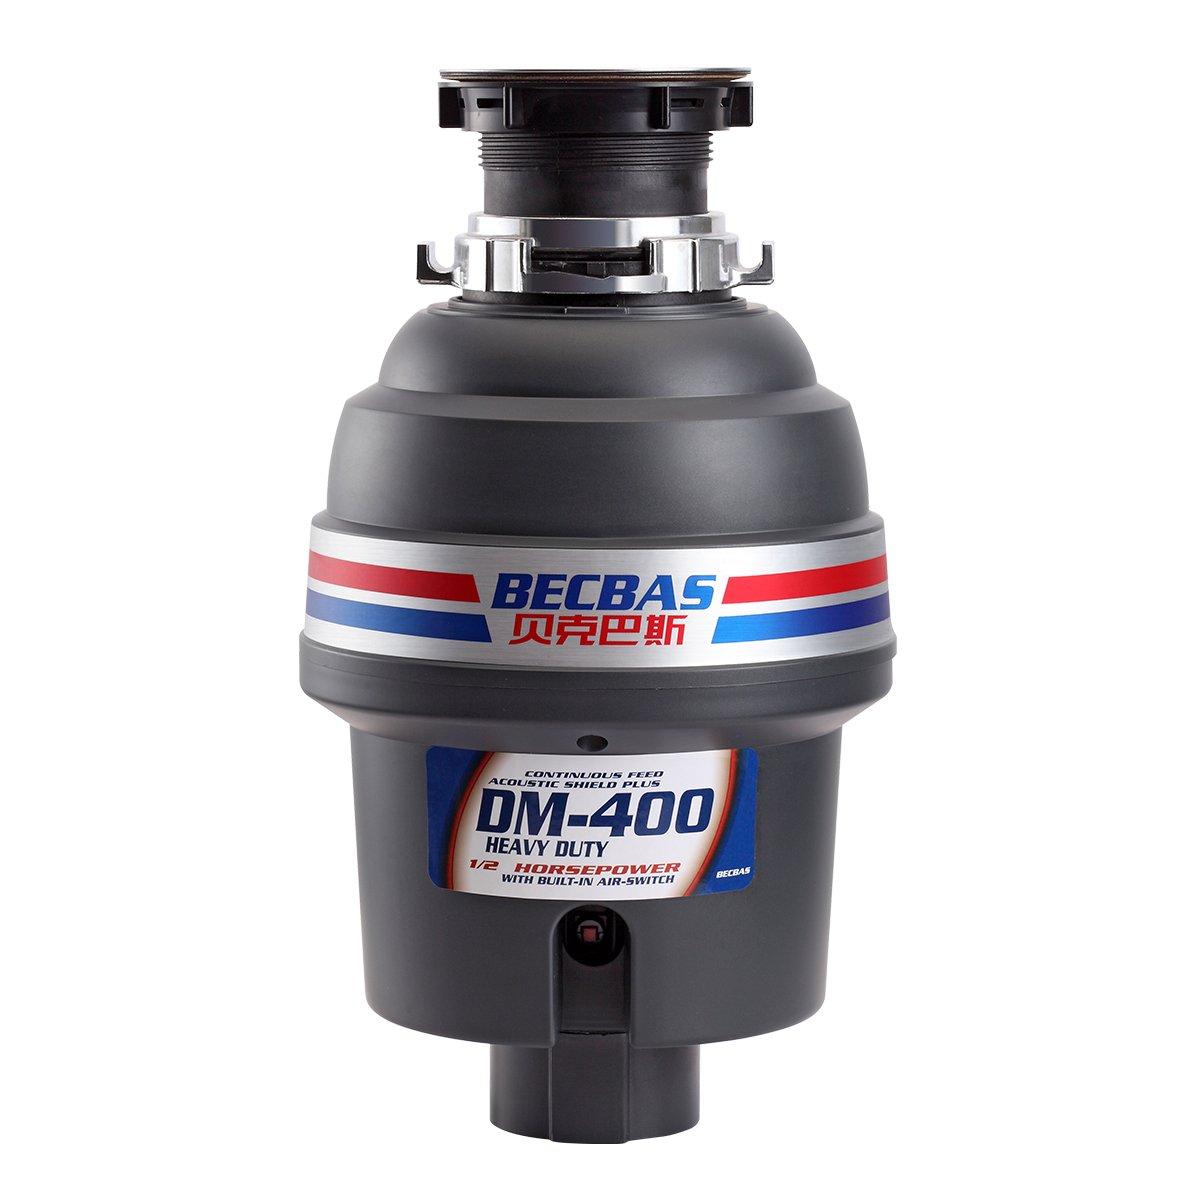 贝克巴斯/BECBAS DM-400 型食物垃圾处理器